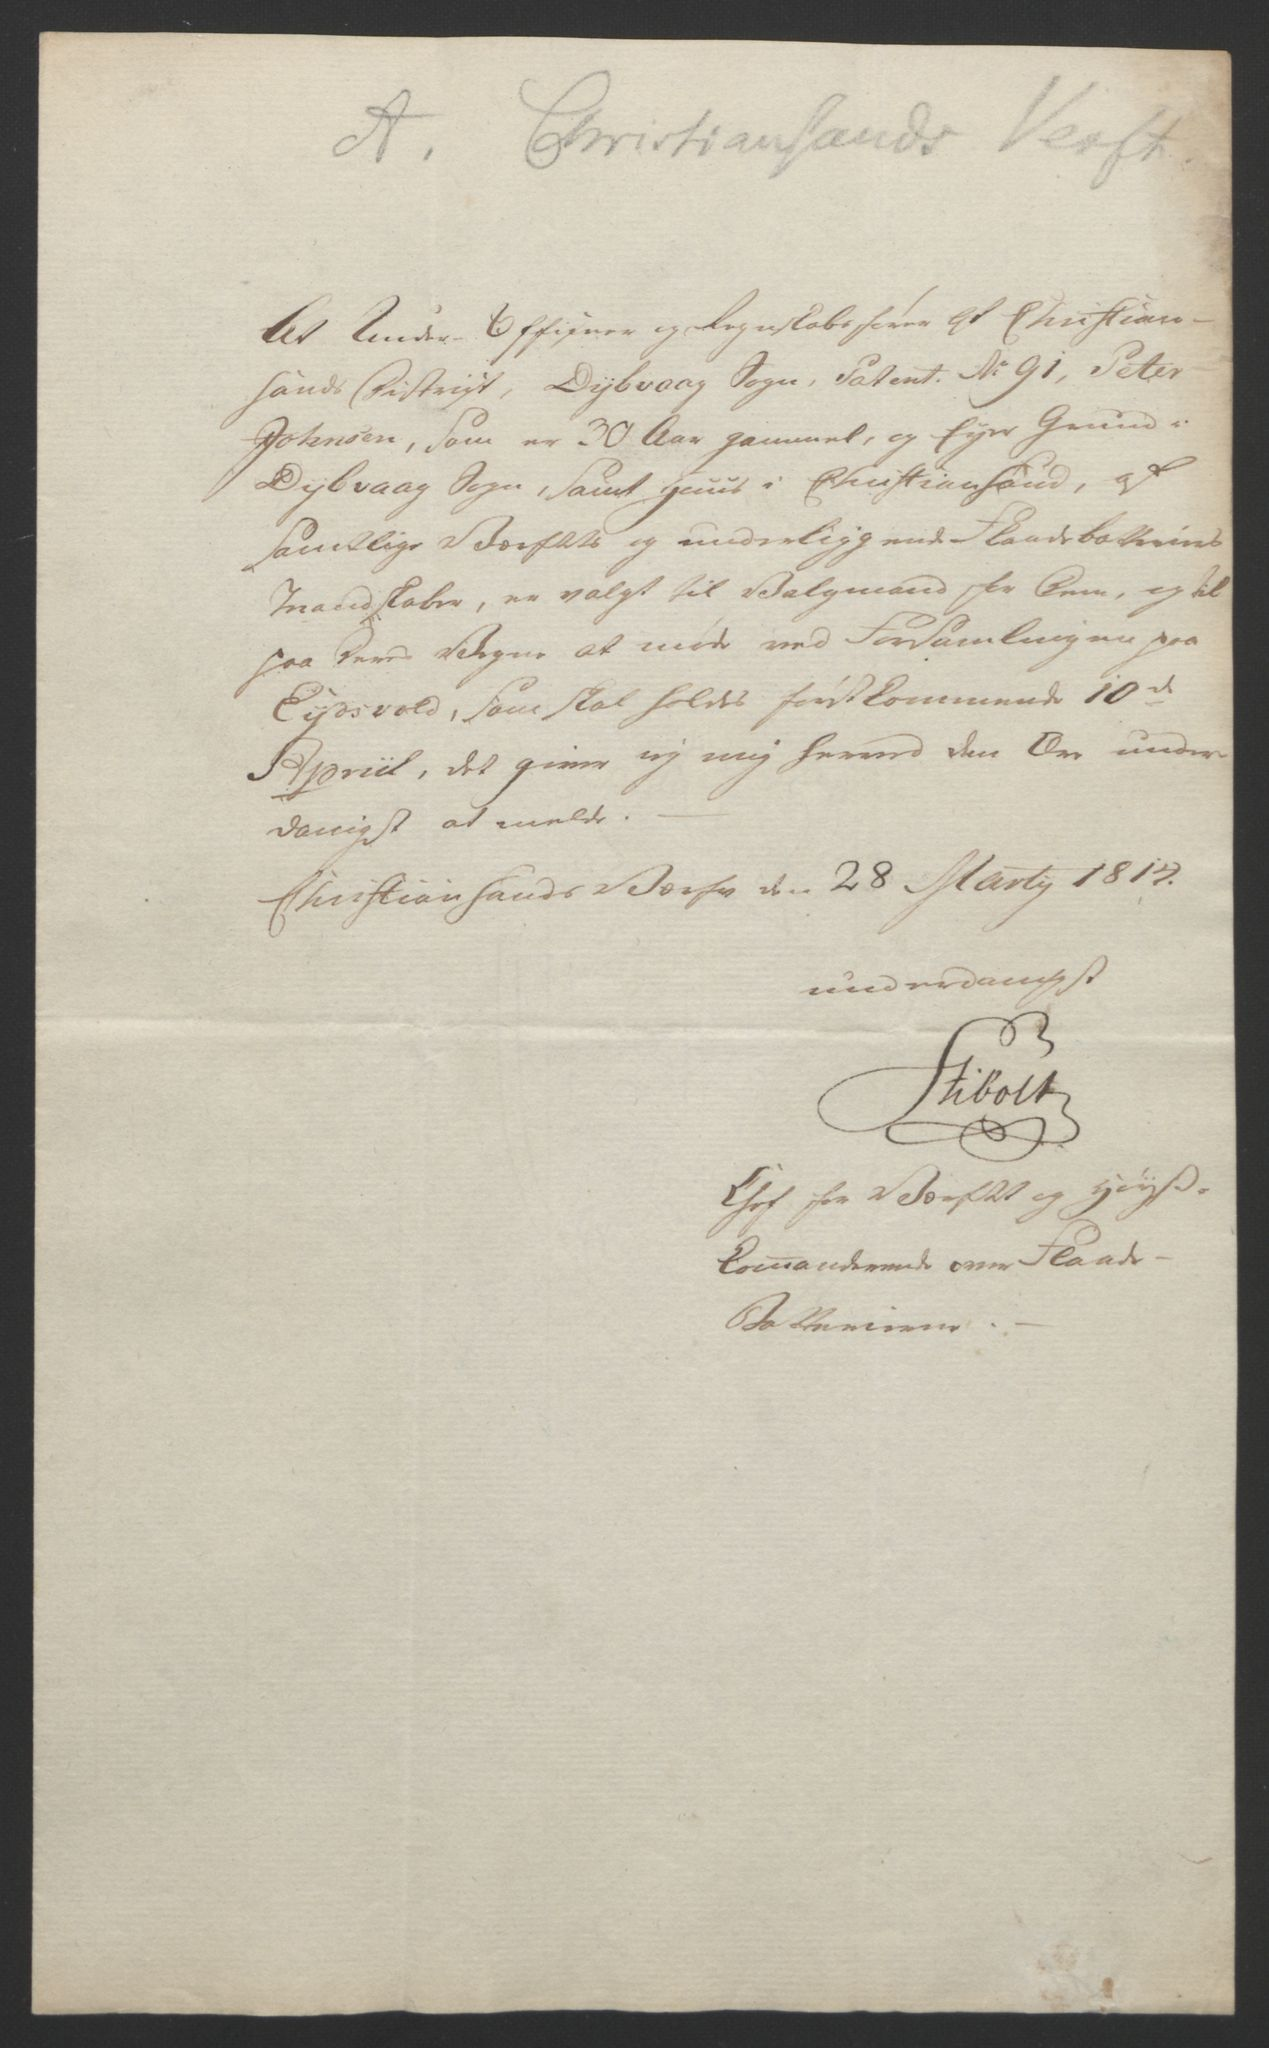 RA, Statsrådssekretariatet, D/Db/L0007: Fullmakter for Eidsvollsrepresentantene i 1814. , 1814, s. 128